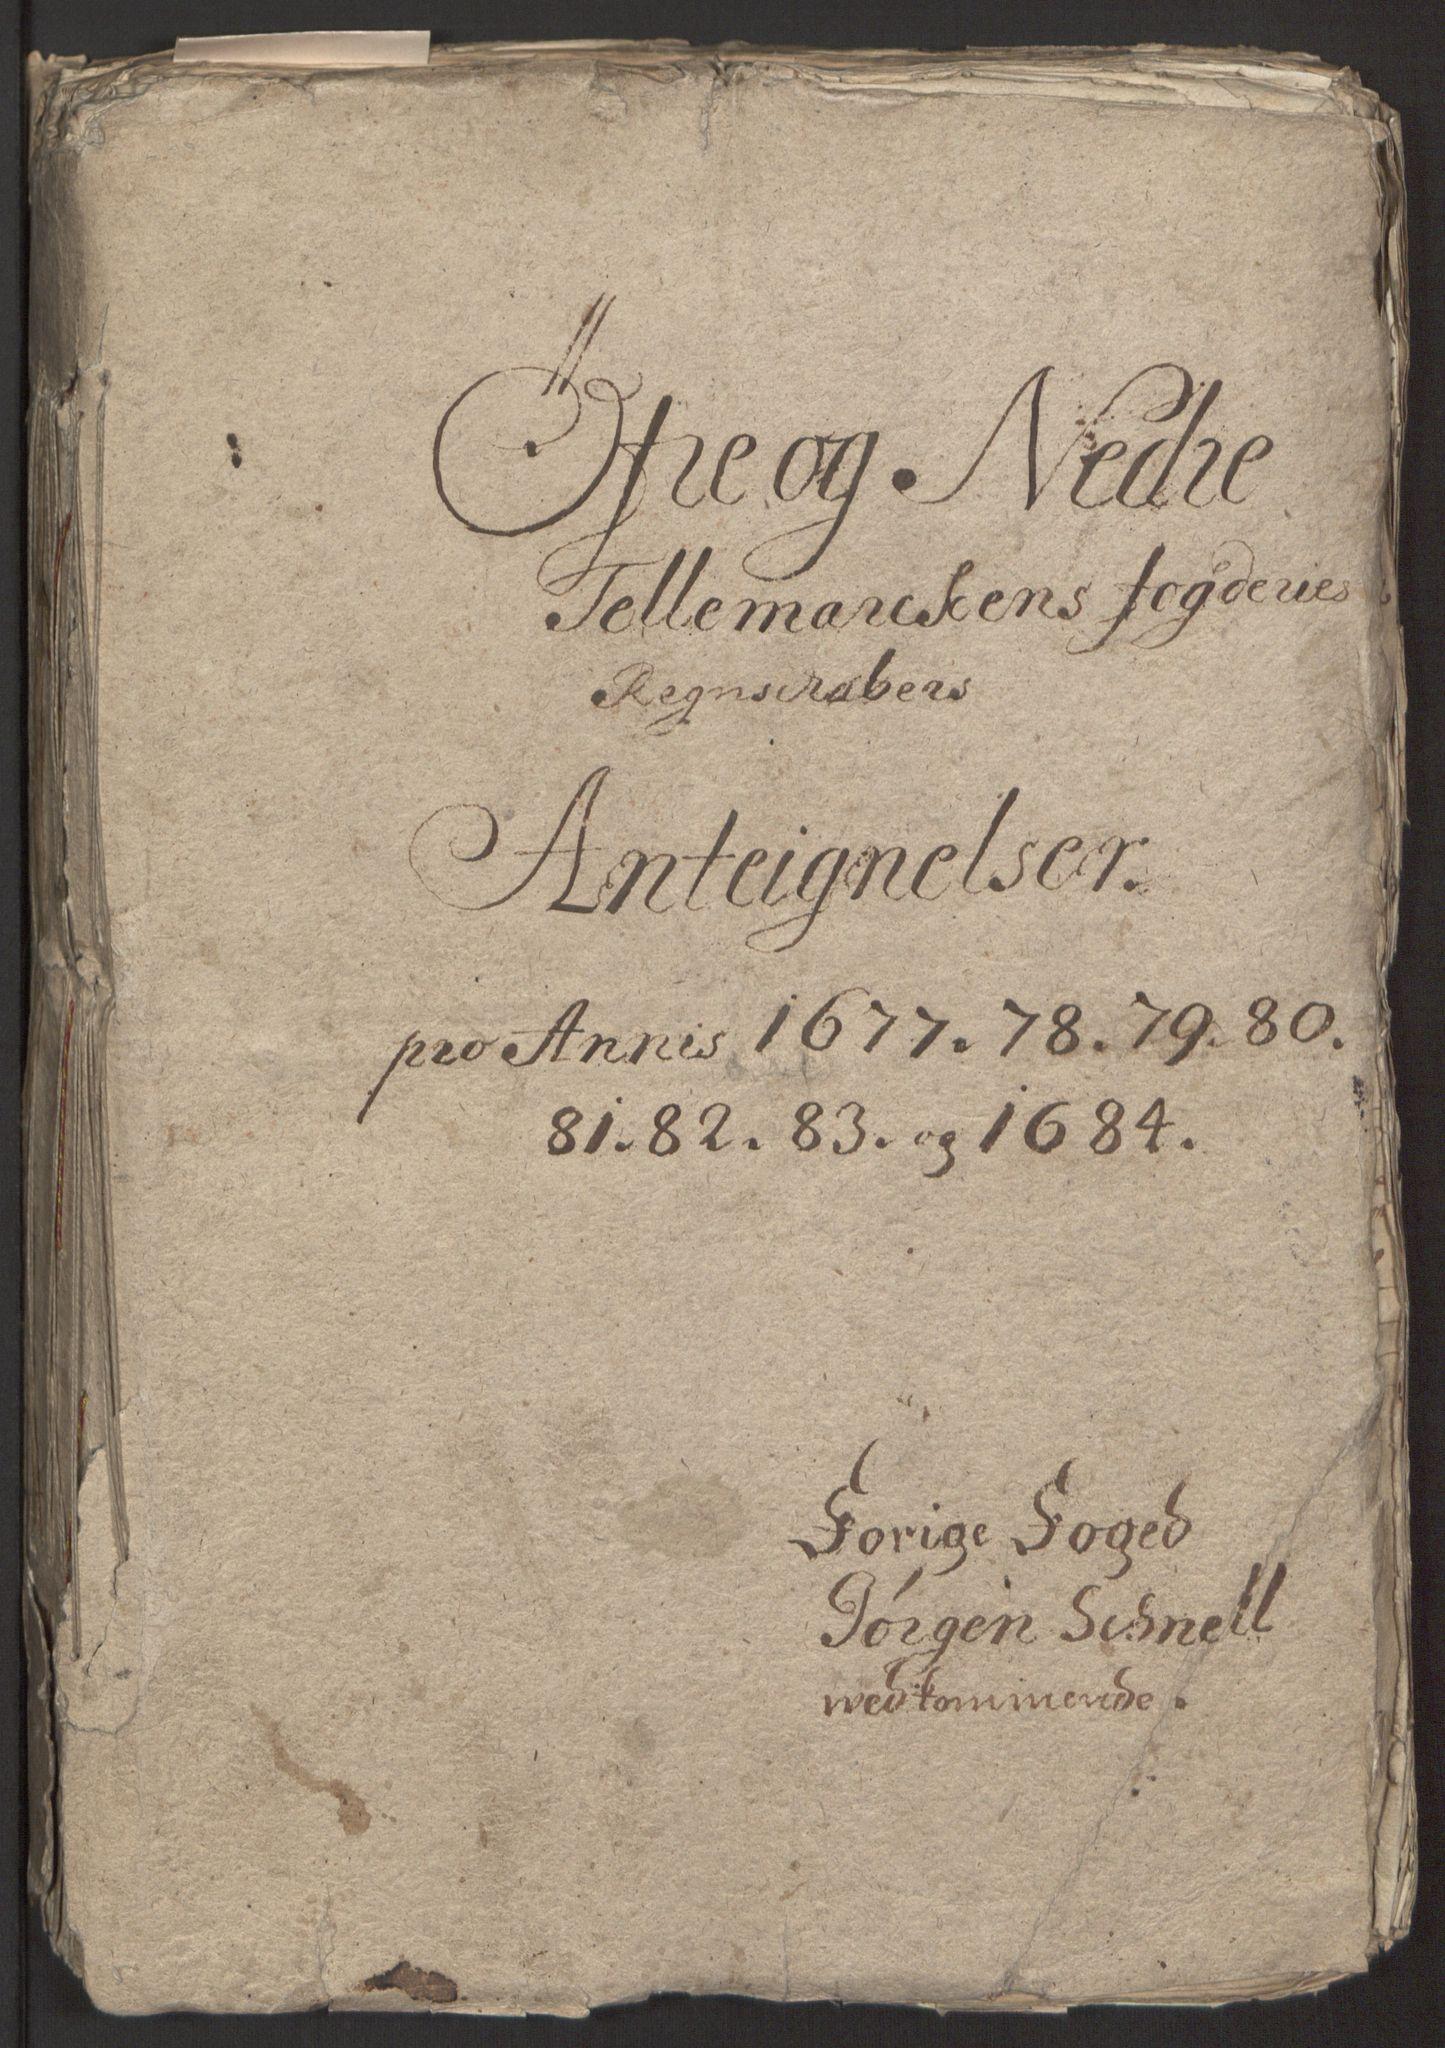 RA, Rentekammeret inntil 1814, Reviderte regnskaper, Fogderegnskap, R35/L2081: Fogderegnskap Øvre og Nedre Telemark, 1680-1684, s. 240